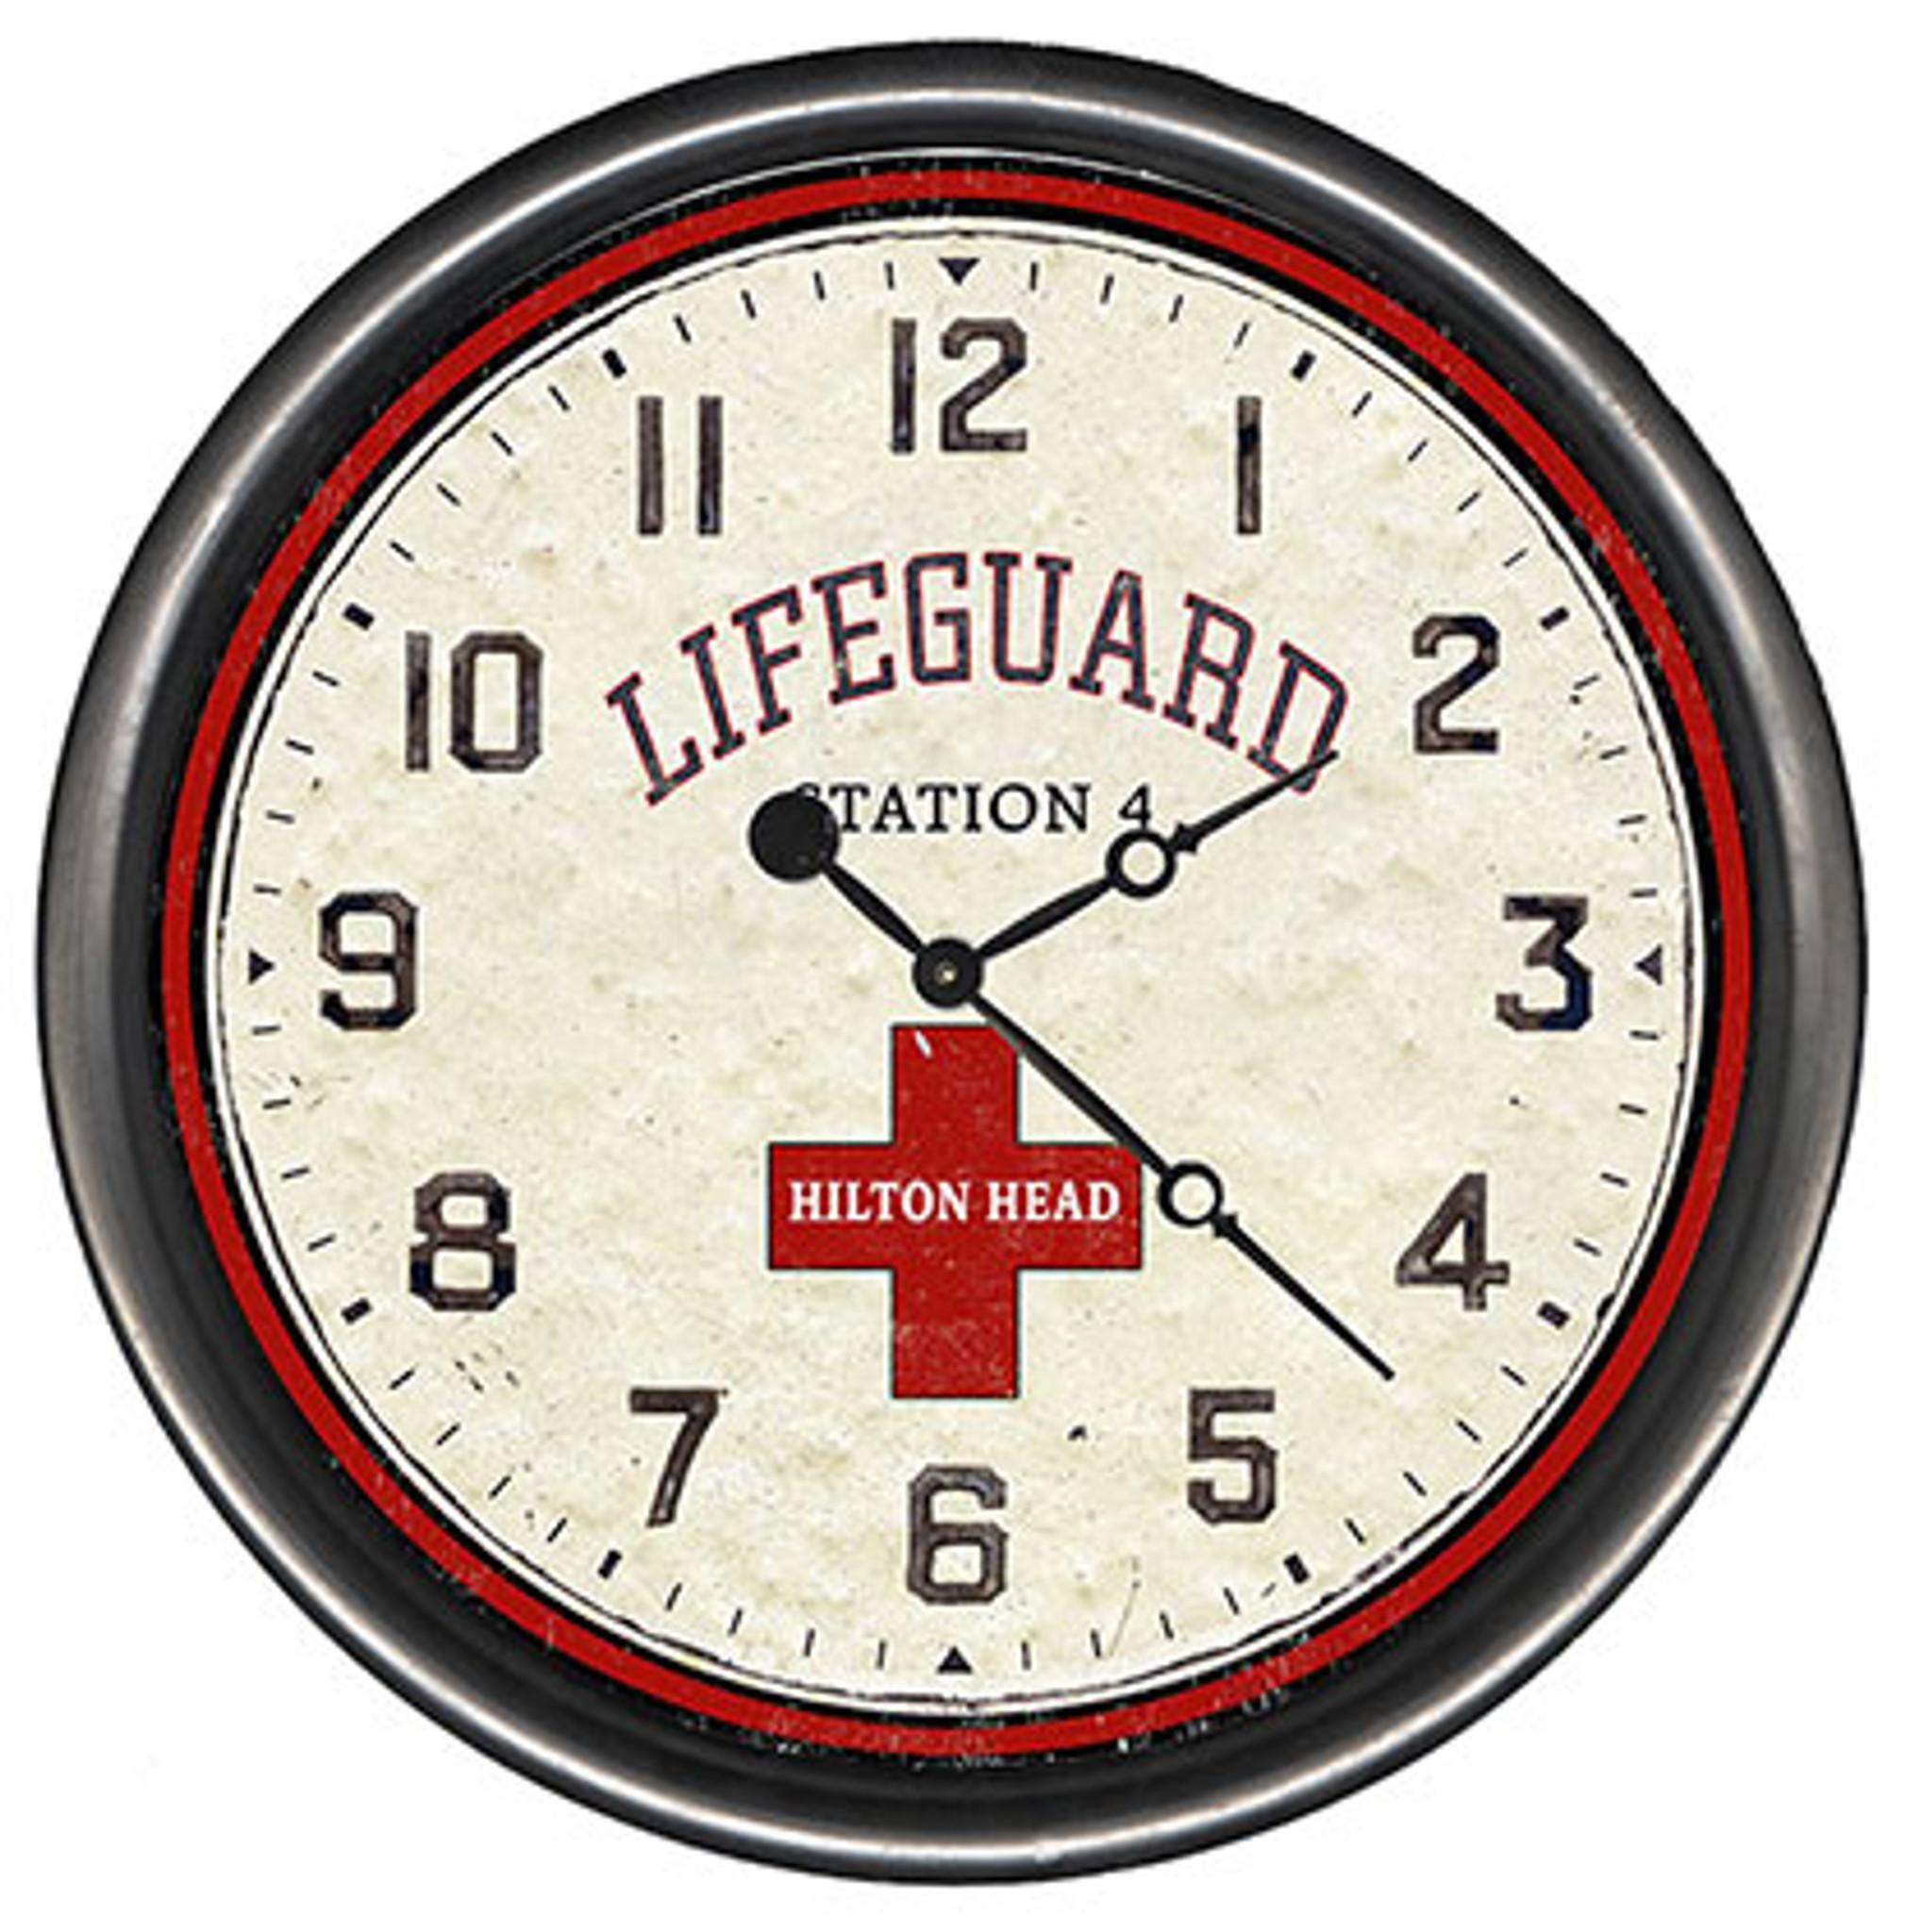 Beach Lifeguard Custom Wall Clock Caron S Beach House